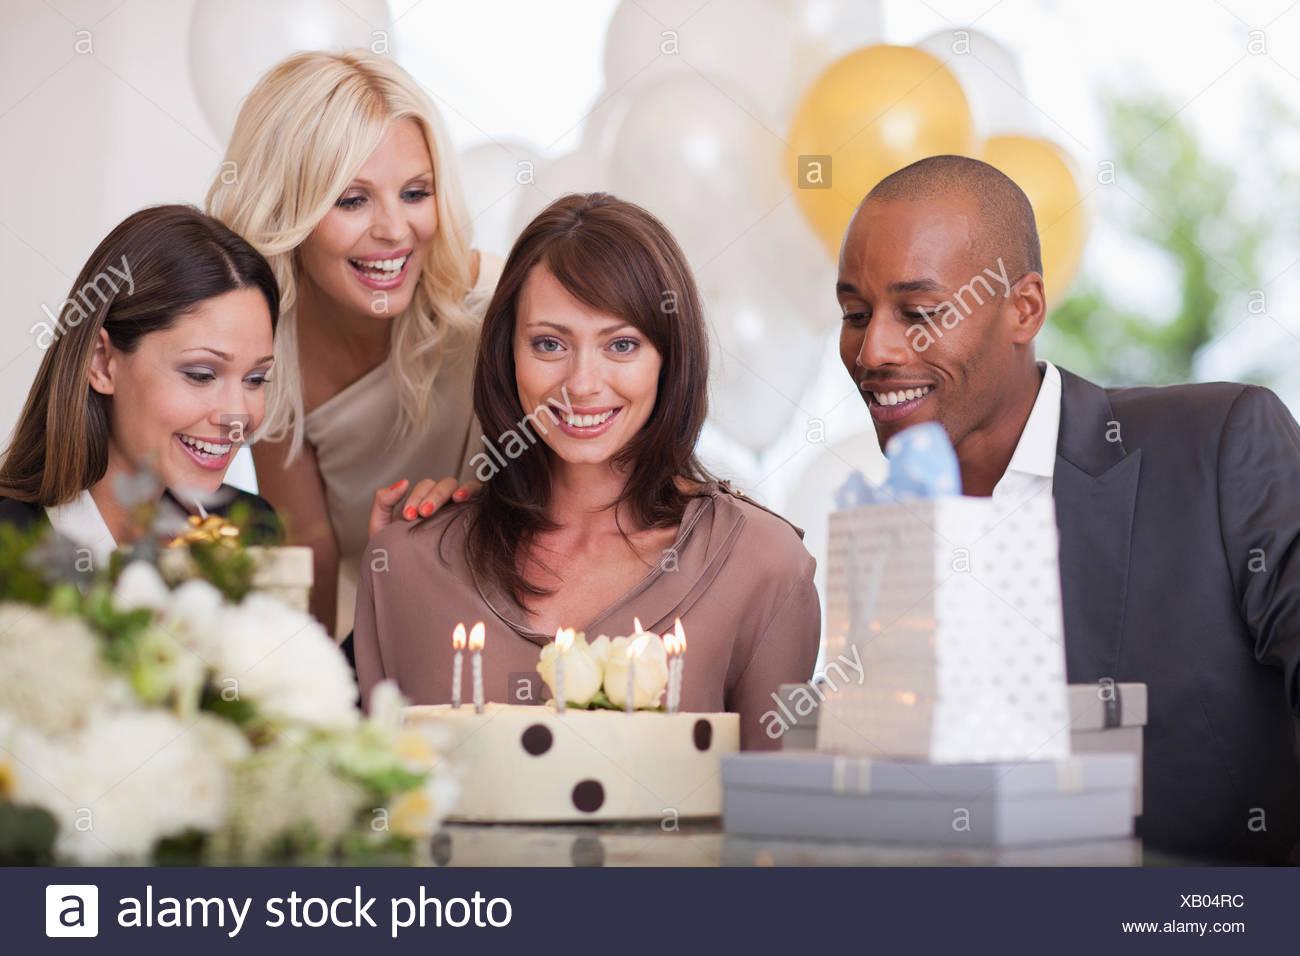 Amigos a la fiesta de cumpleaños Imagen De Stock